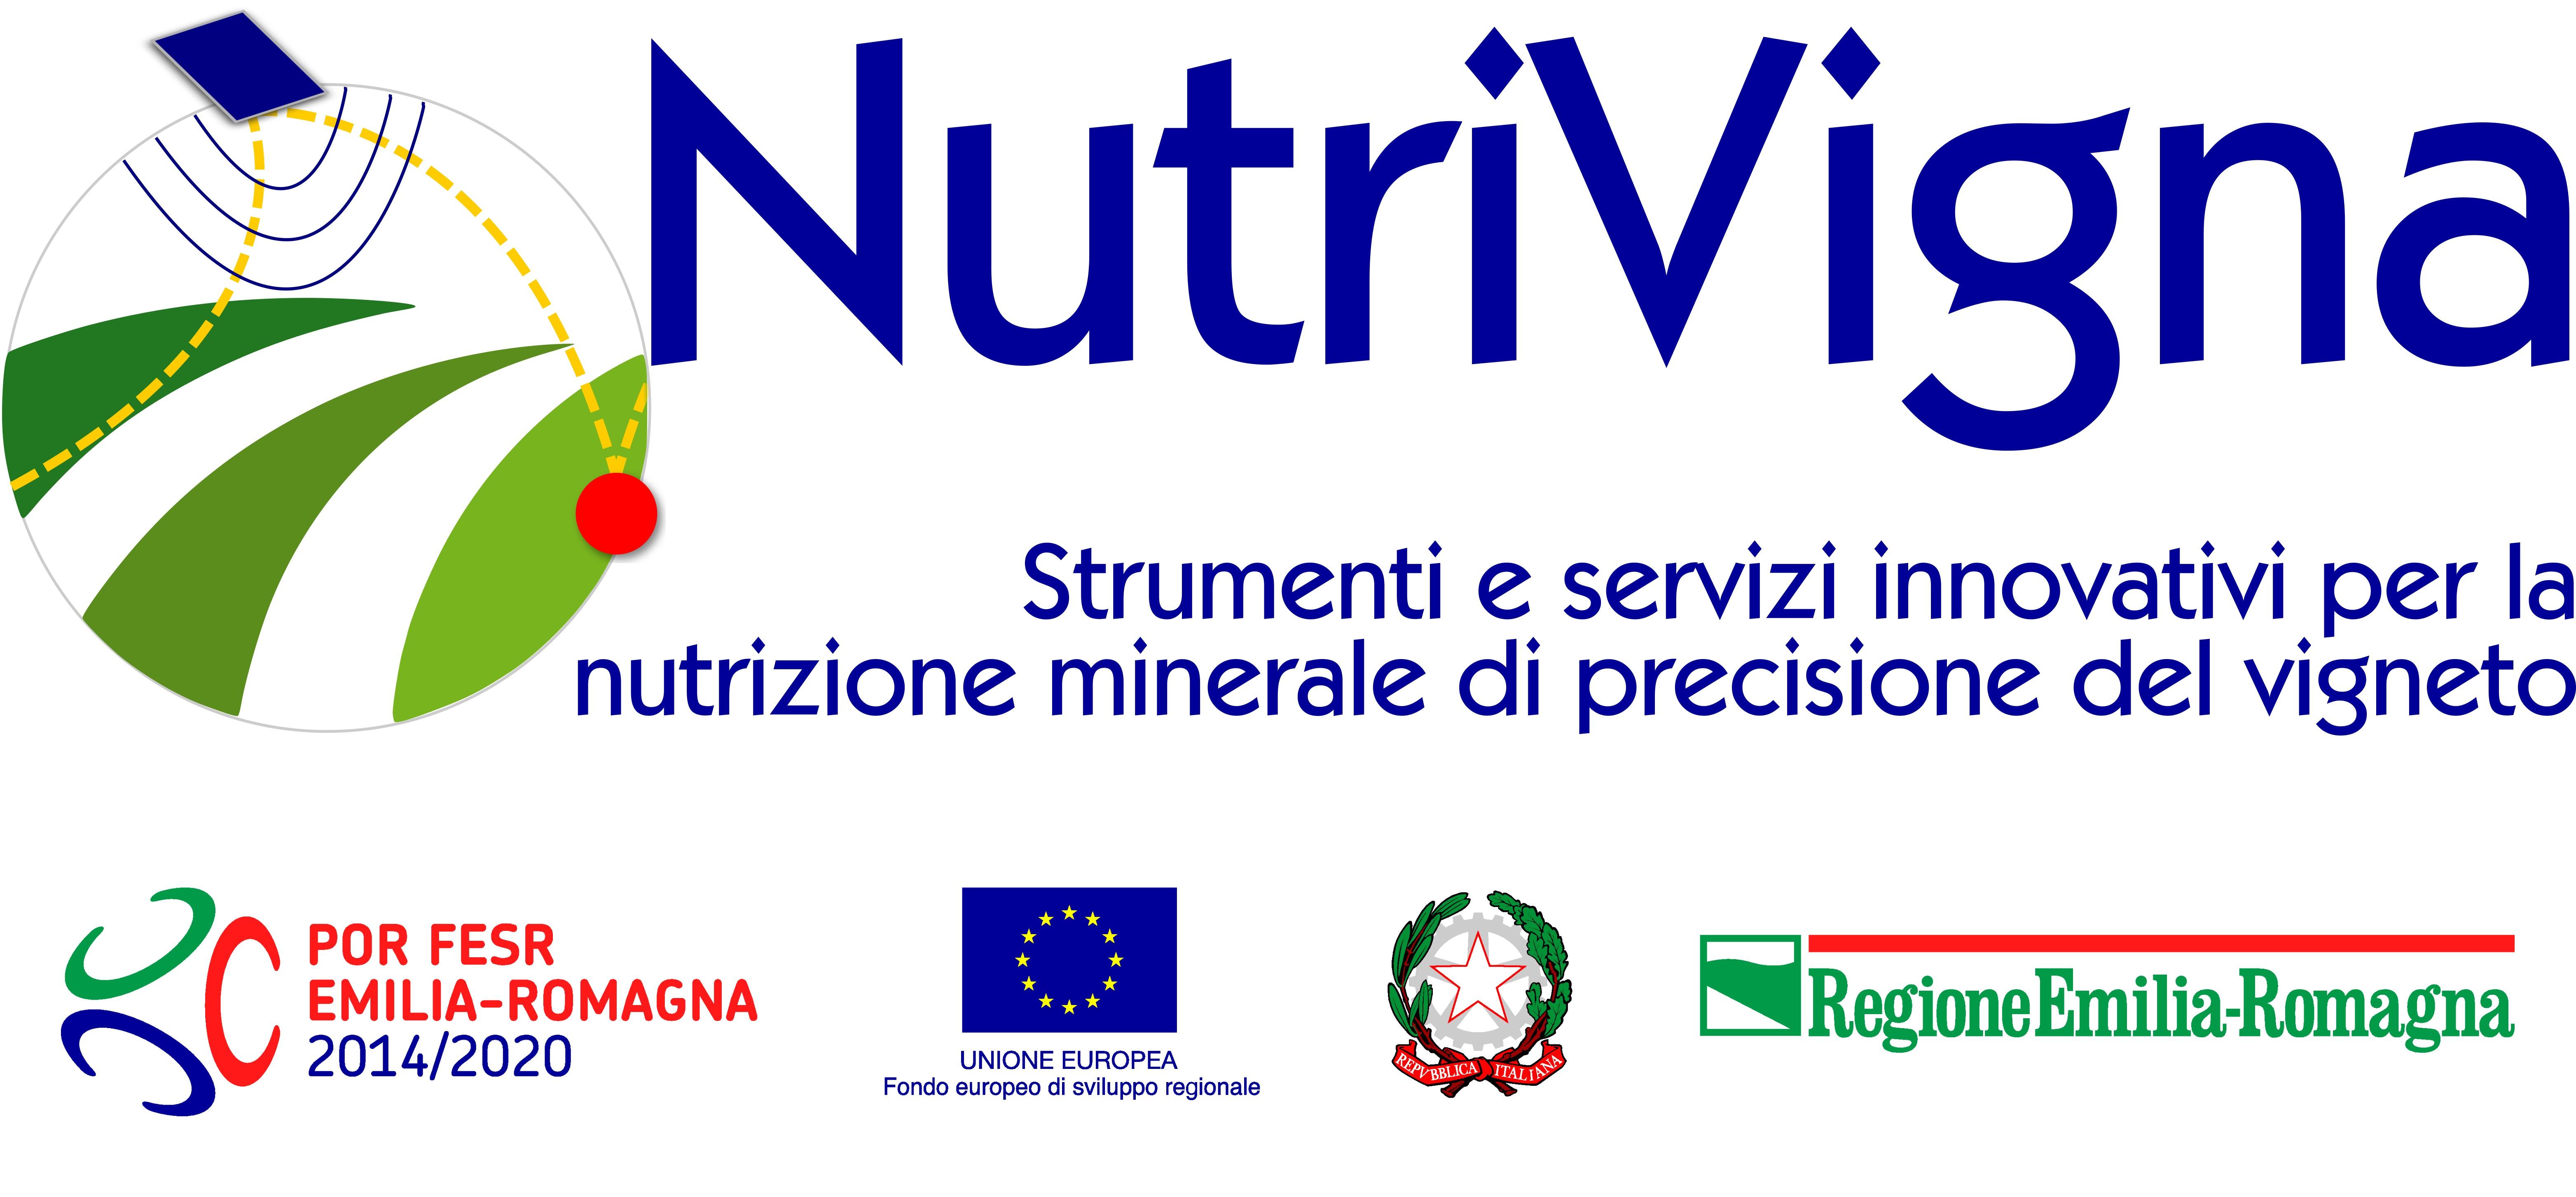 Progetto Nutrivigna